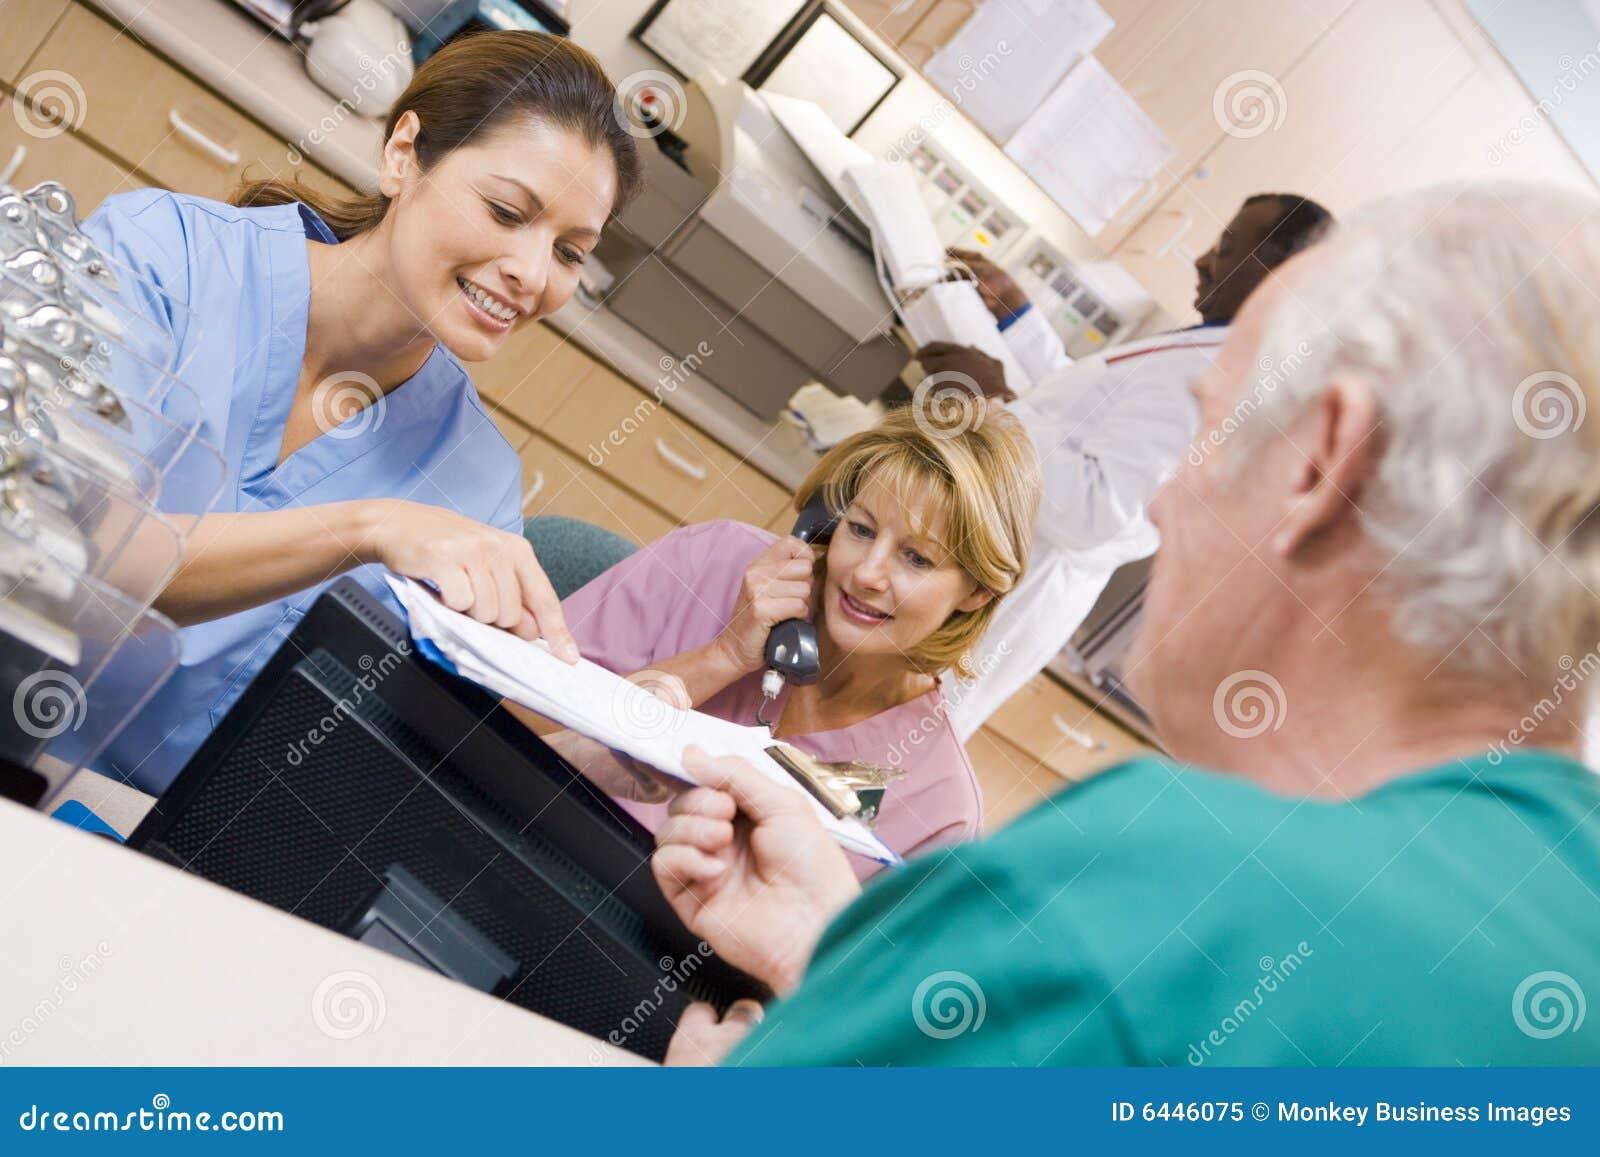 Рассказы врач и медсестра 20 фотография